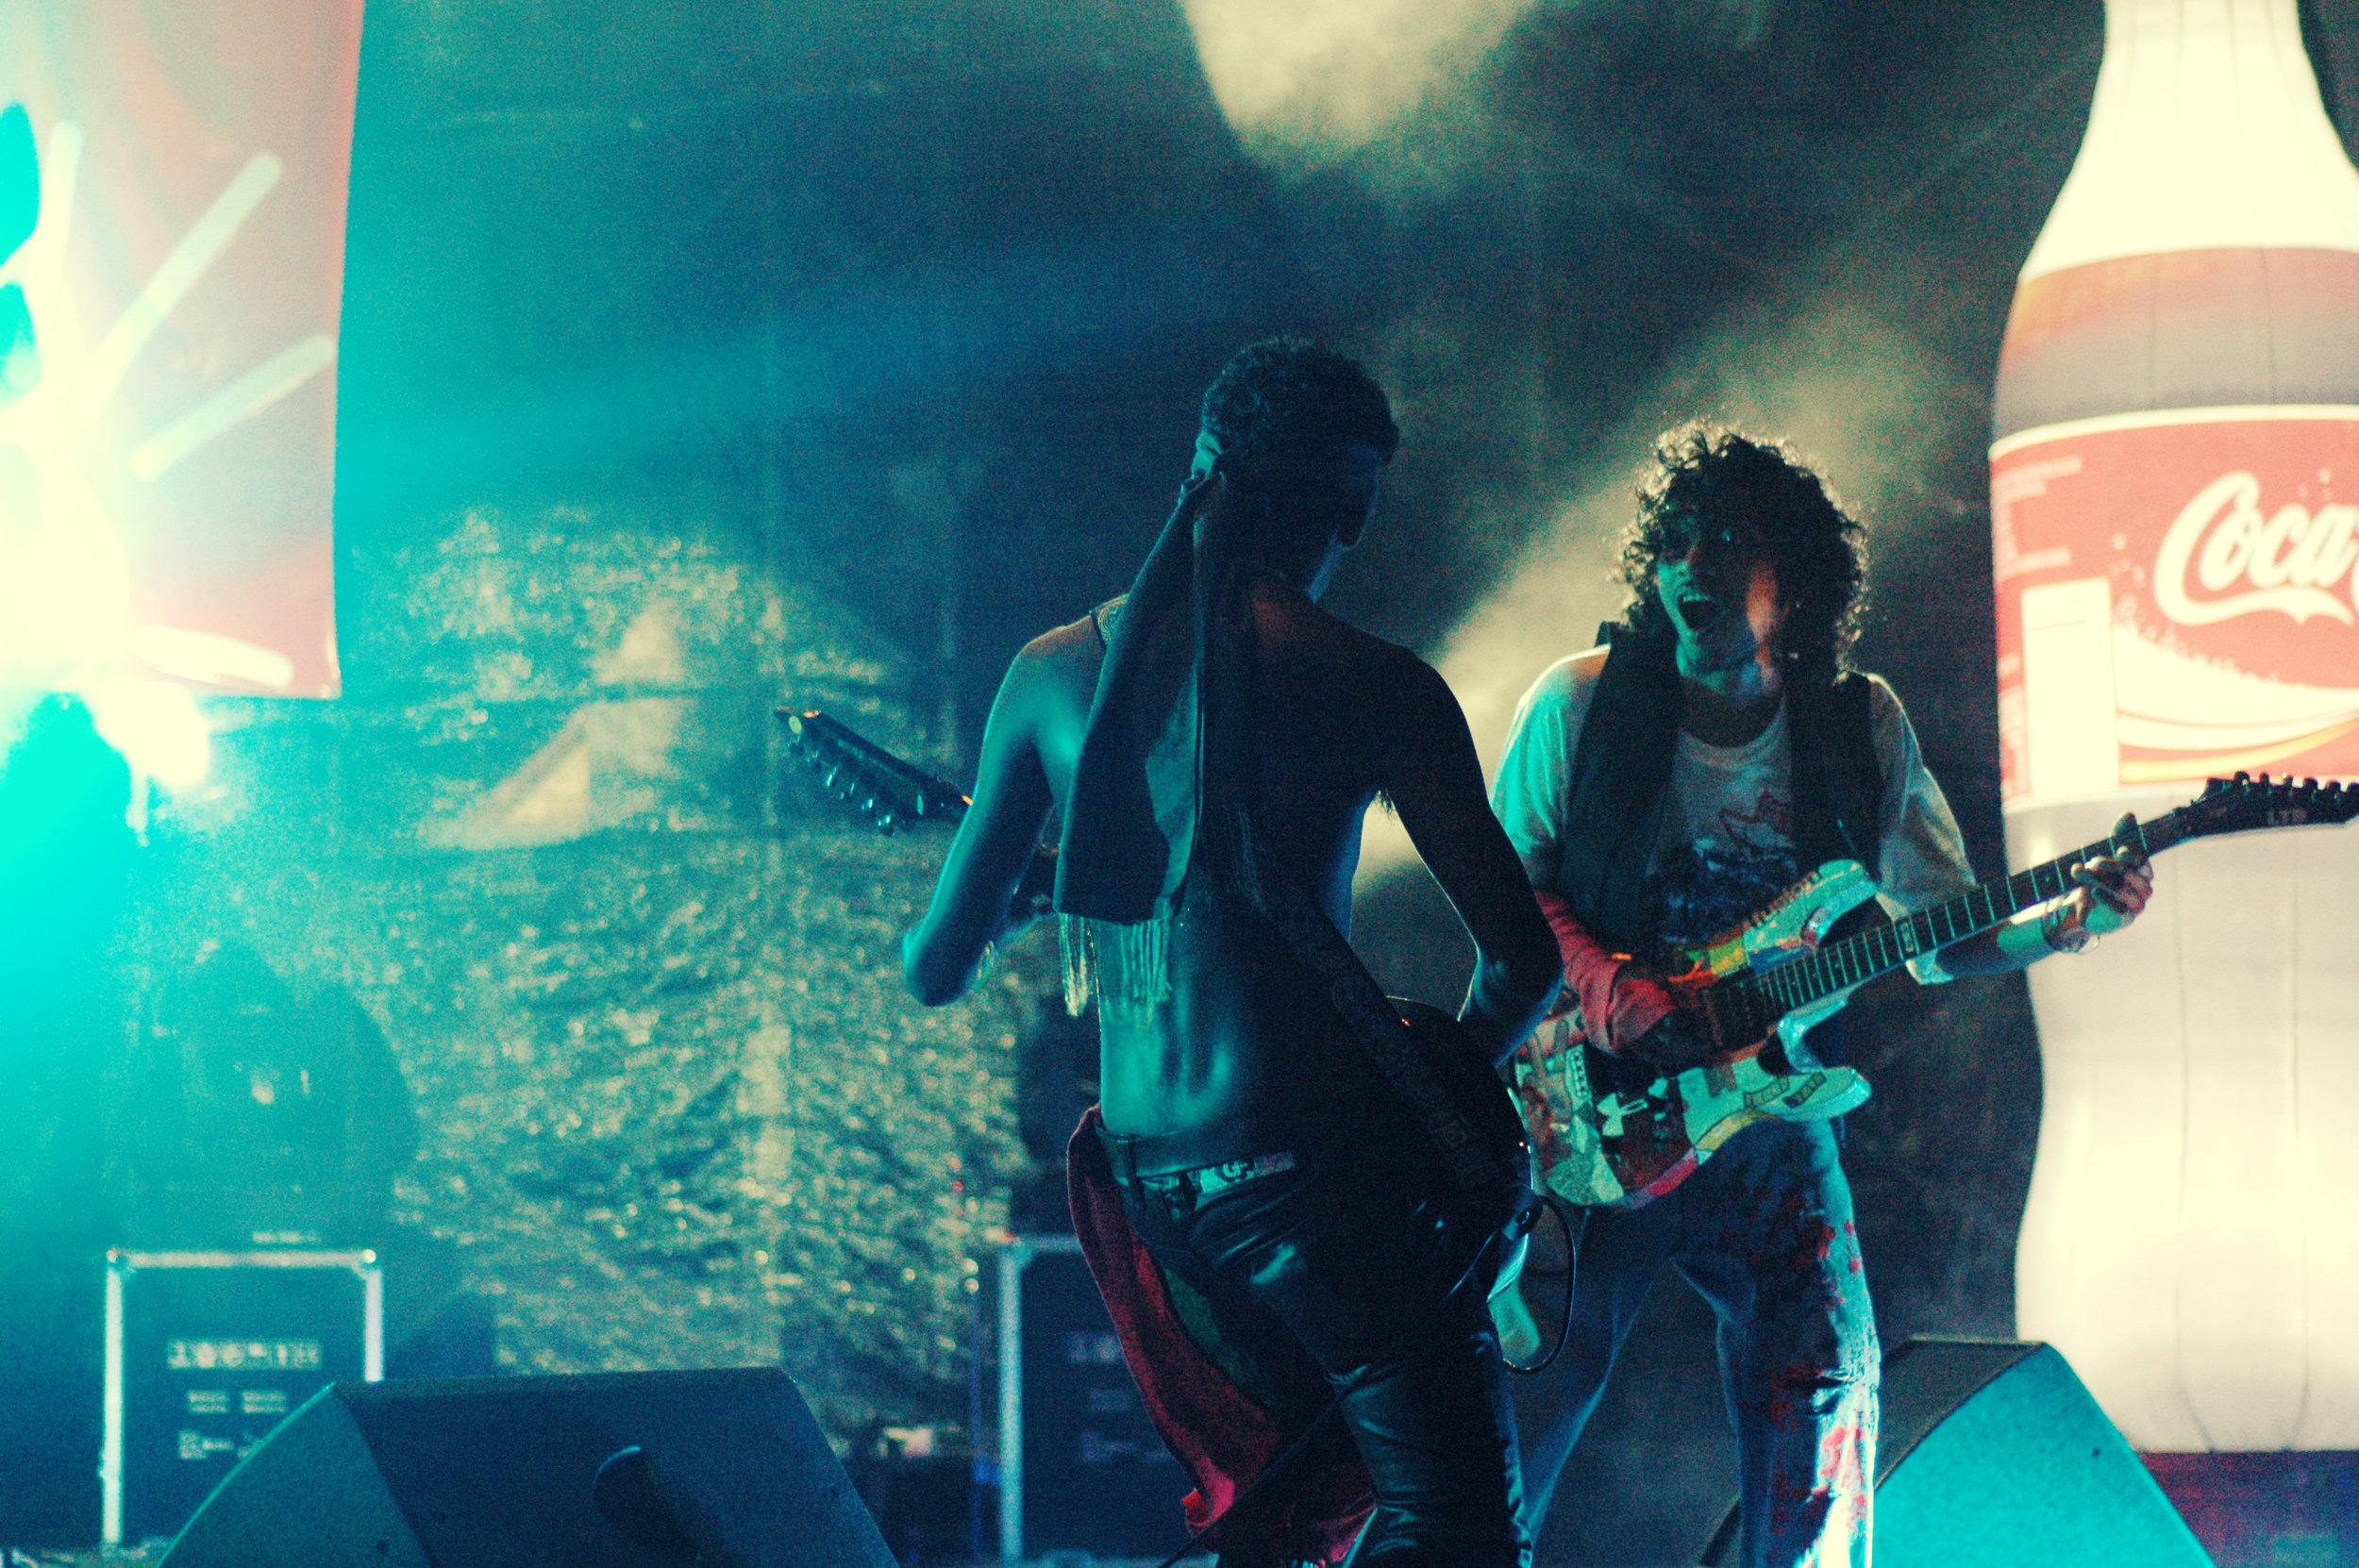 2009-12-11 - Male' City - Breakout Festival - D70s -  - Rock Paper Scissors (10).jpg